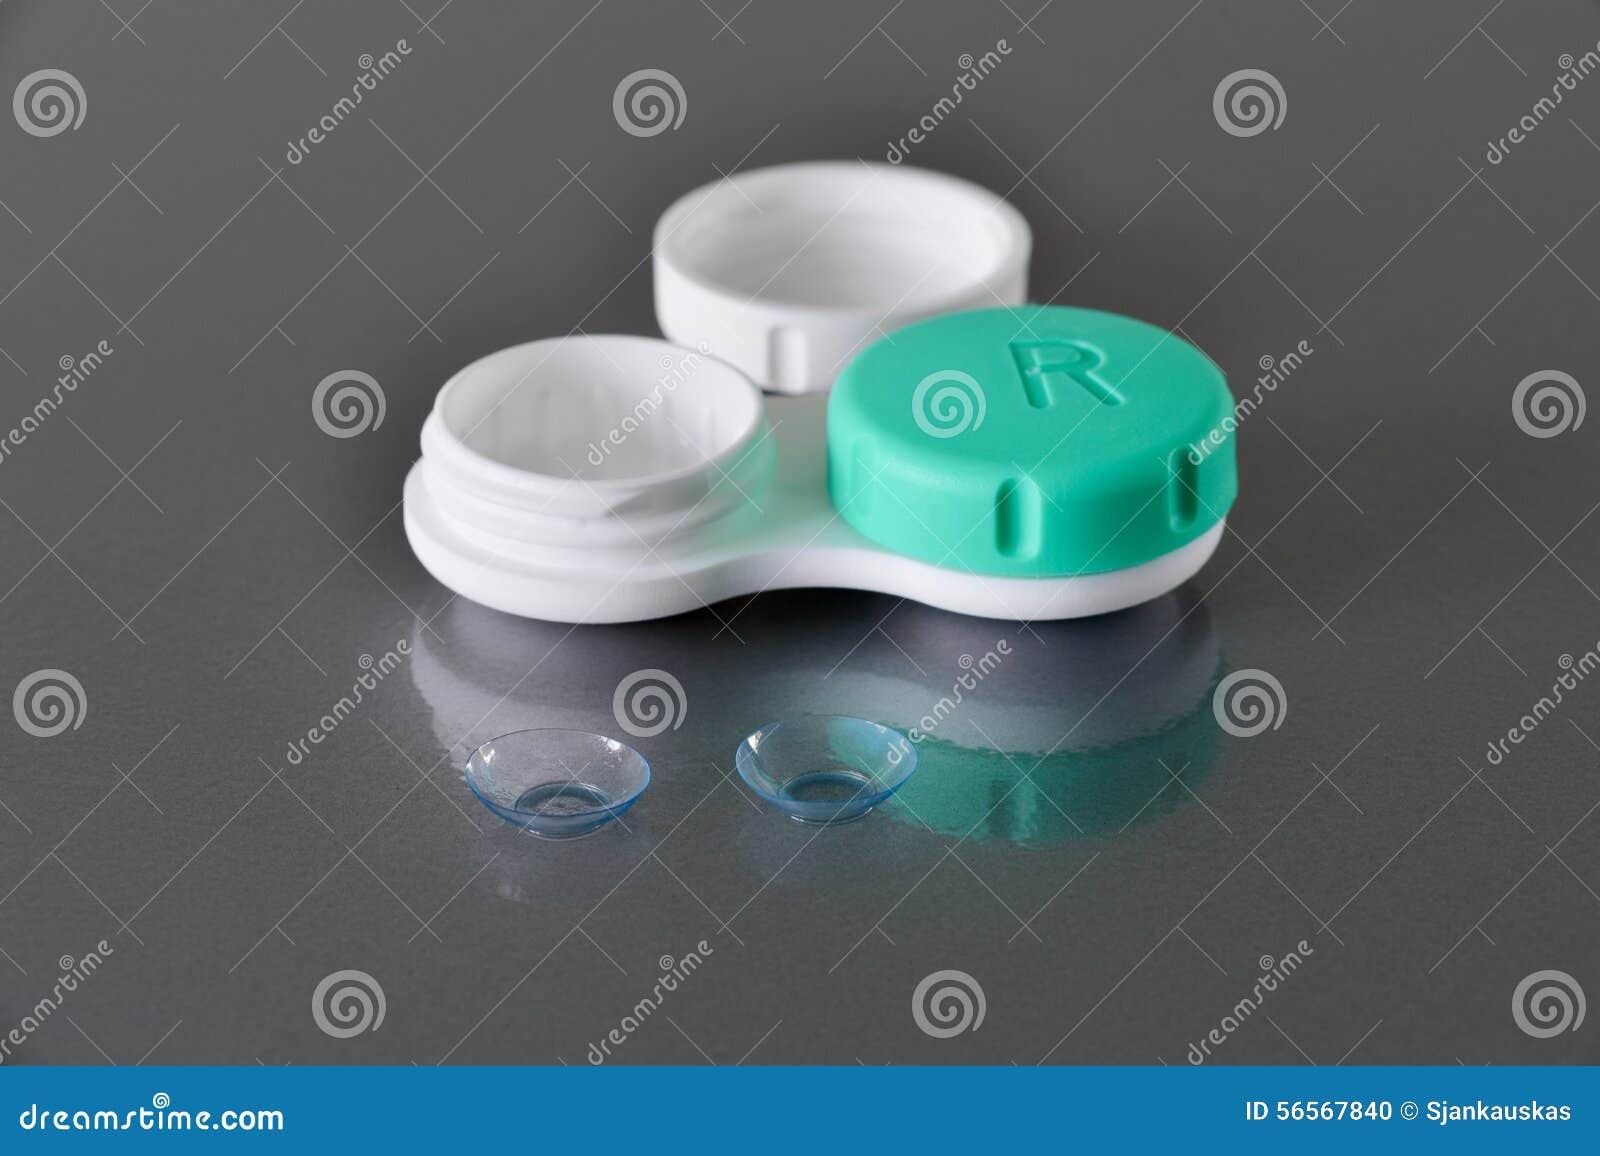 Download Φακοί επαφής και εμπορευματοκιβώτιο Στοκ Εικόνες - εικόνα από διόρθωση, οφθαλμολόγος: 56567840